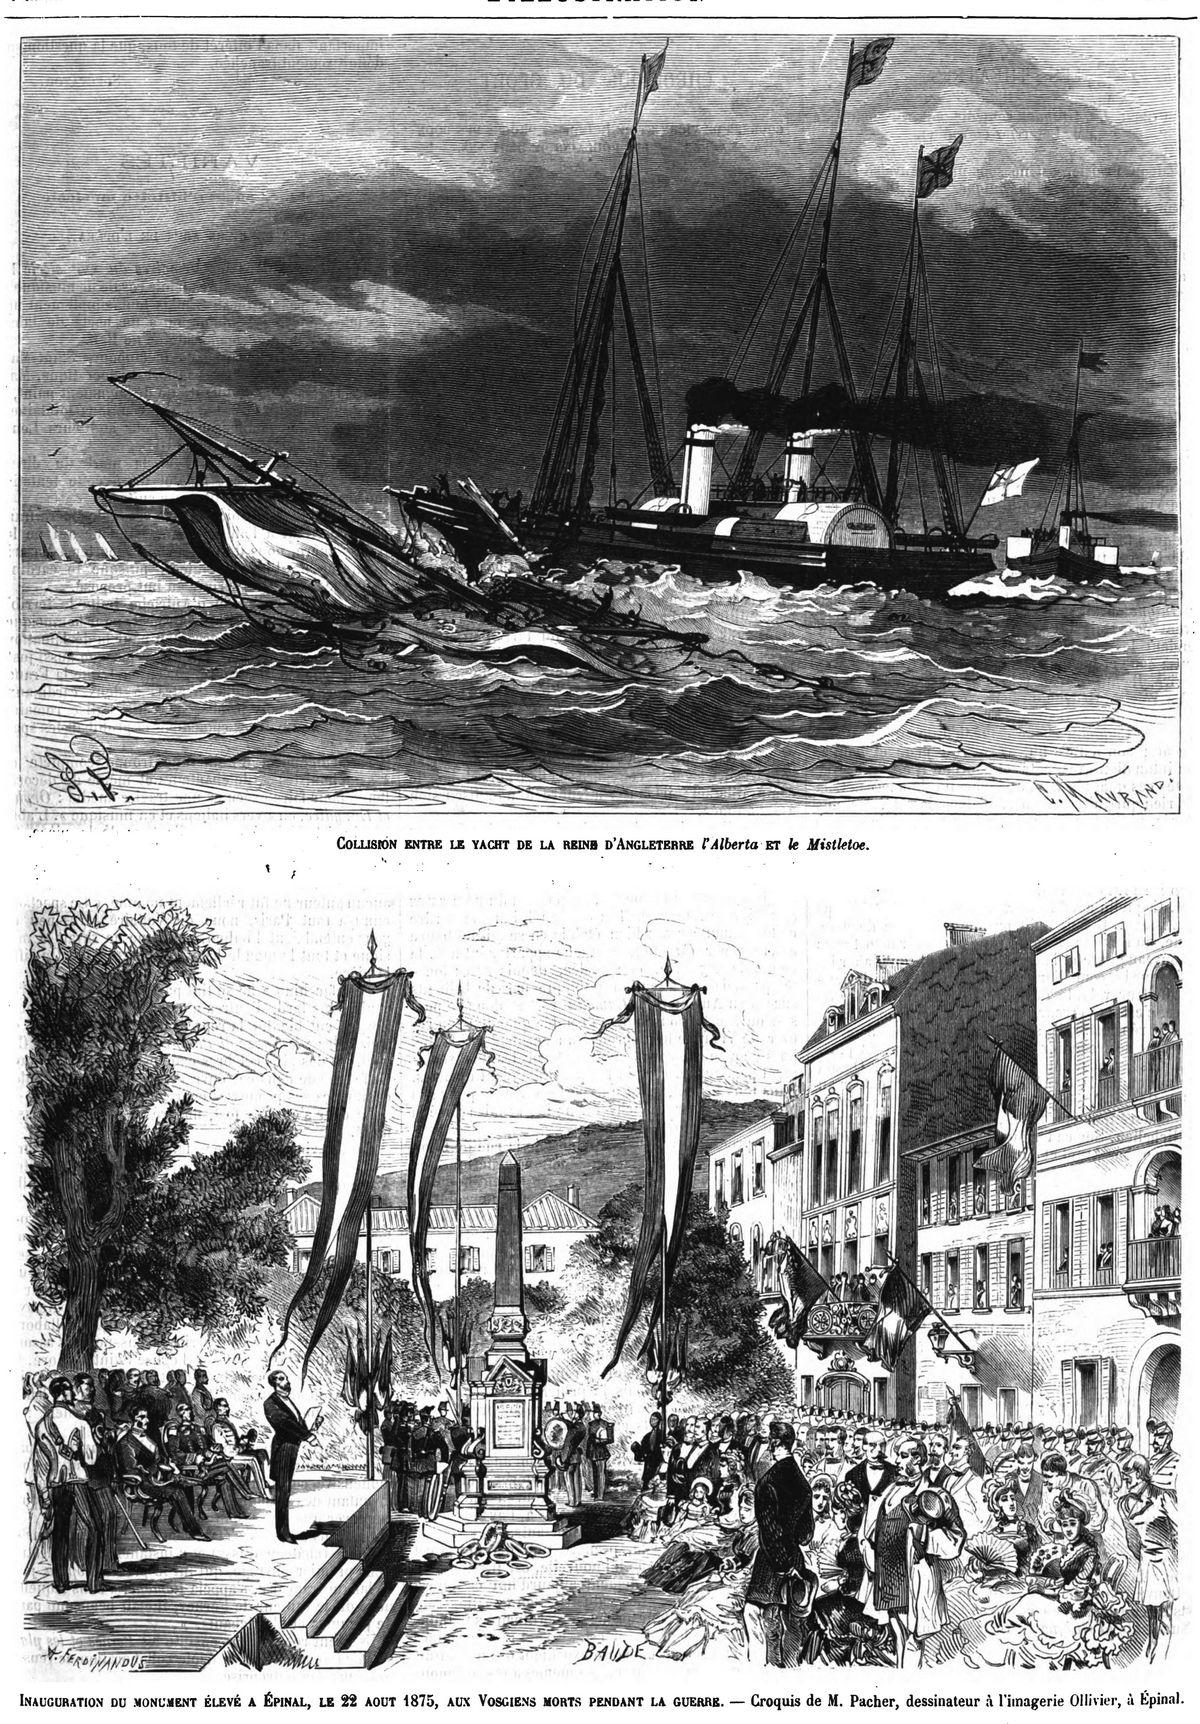 Collision entre le yacht de la reine d'Angleterre l'Alberta et le Mistletoe. — Inauguration du monument élevé à Epinal, aux Vosgiens morts pendant la guerre.